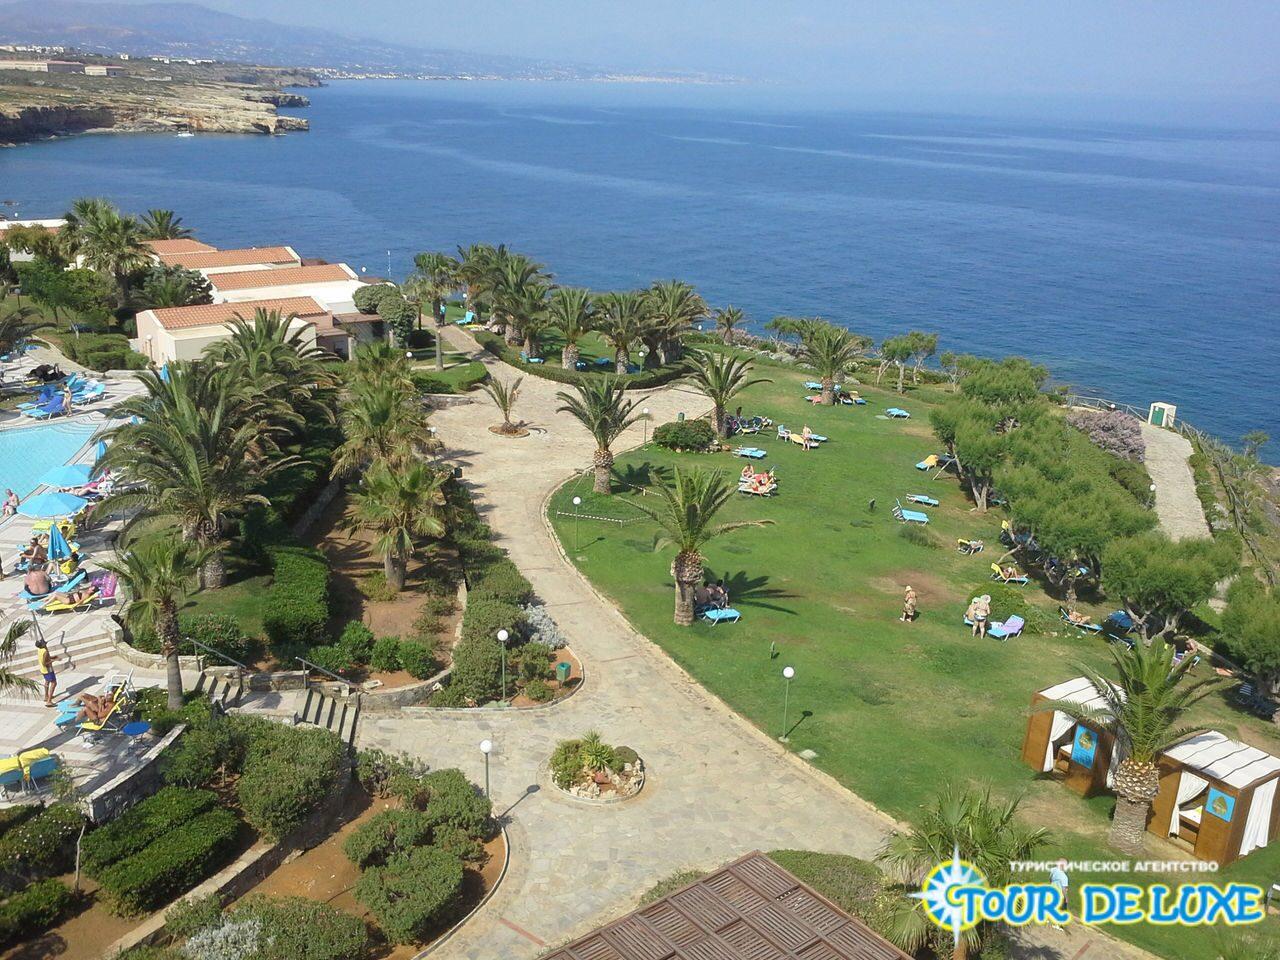 Фото бассейн и пляж из фотогалереи без названия отель iberostar mirabello beach 4* греция , крит